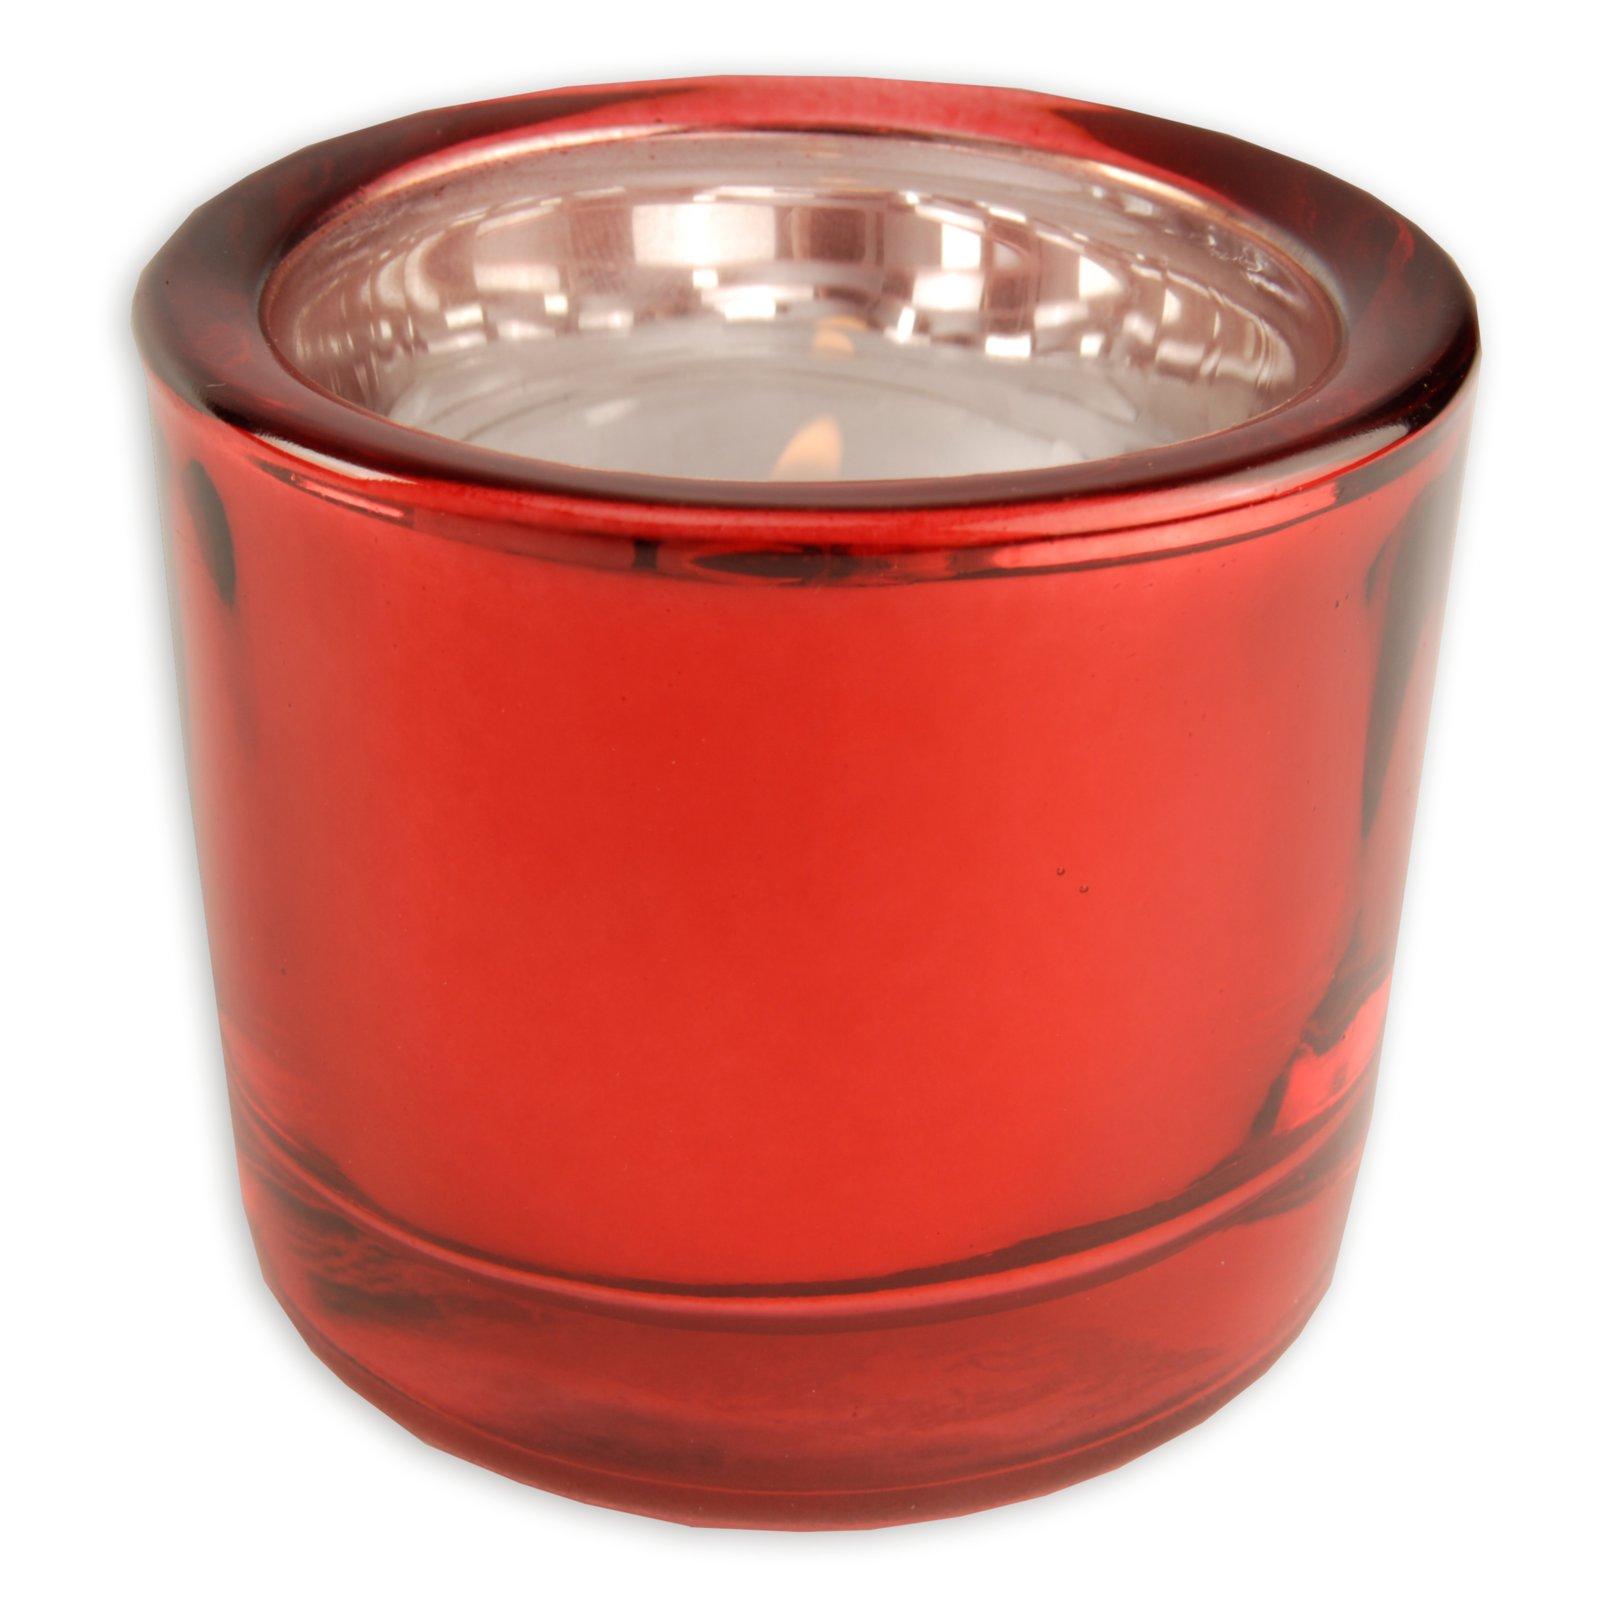 Glas-Windlicht - rot - Ø 6,5 - 5,7 cm hoch